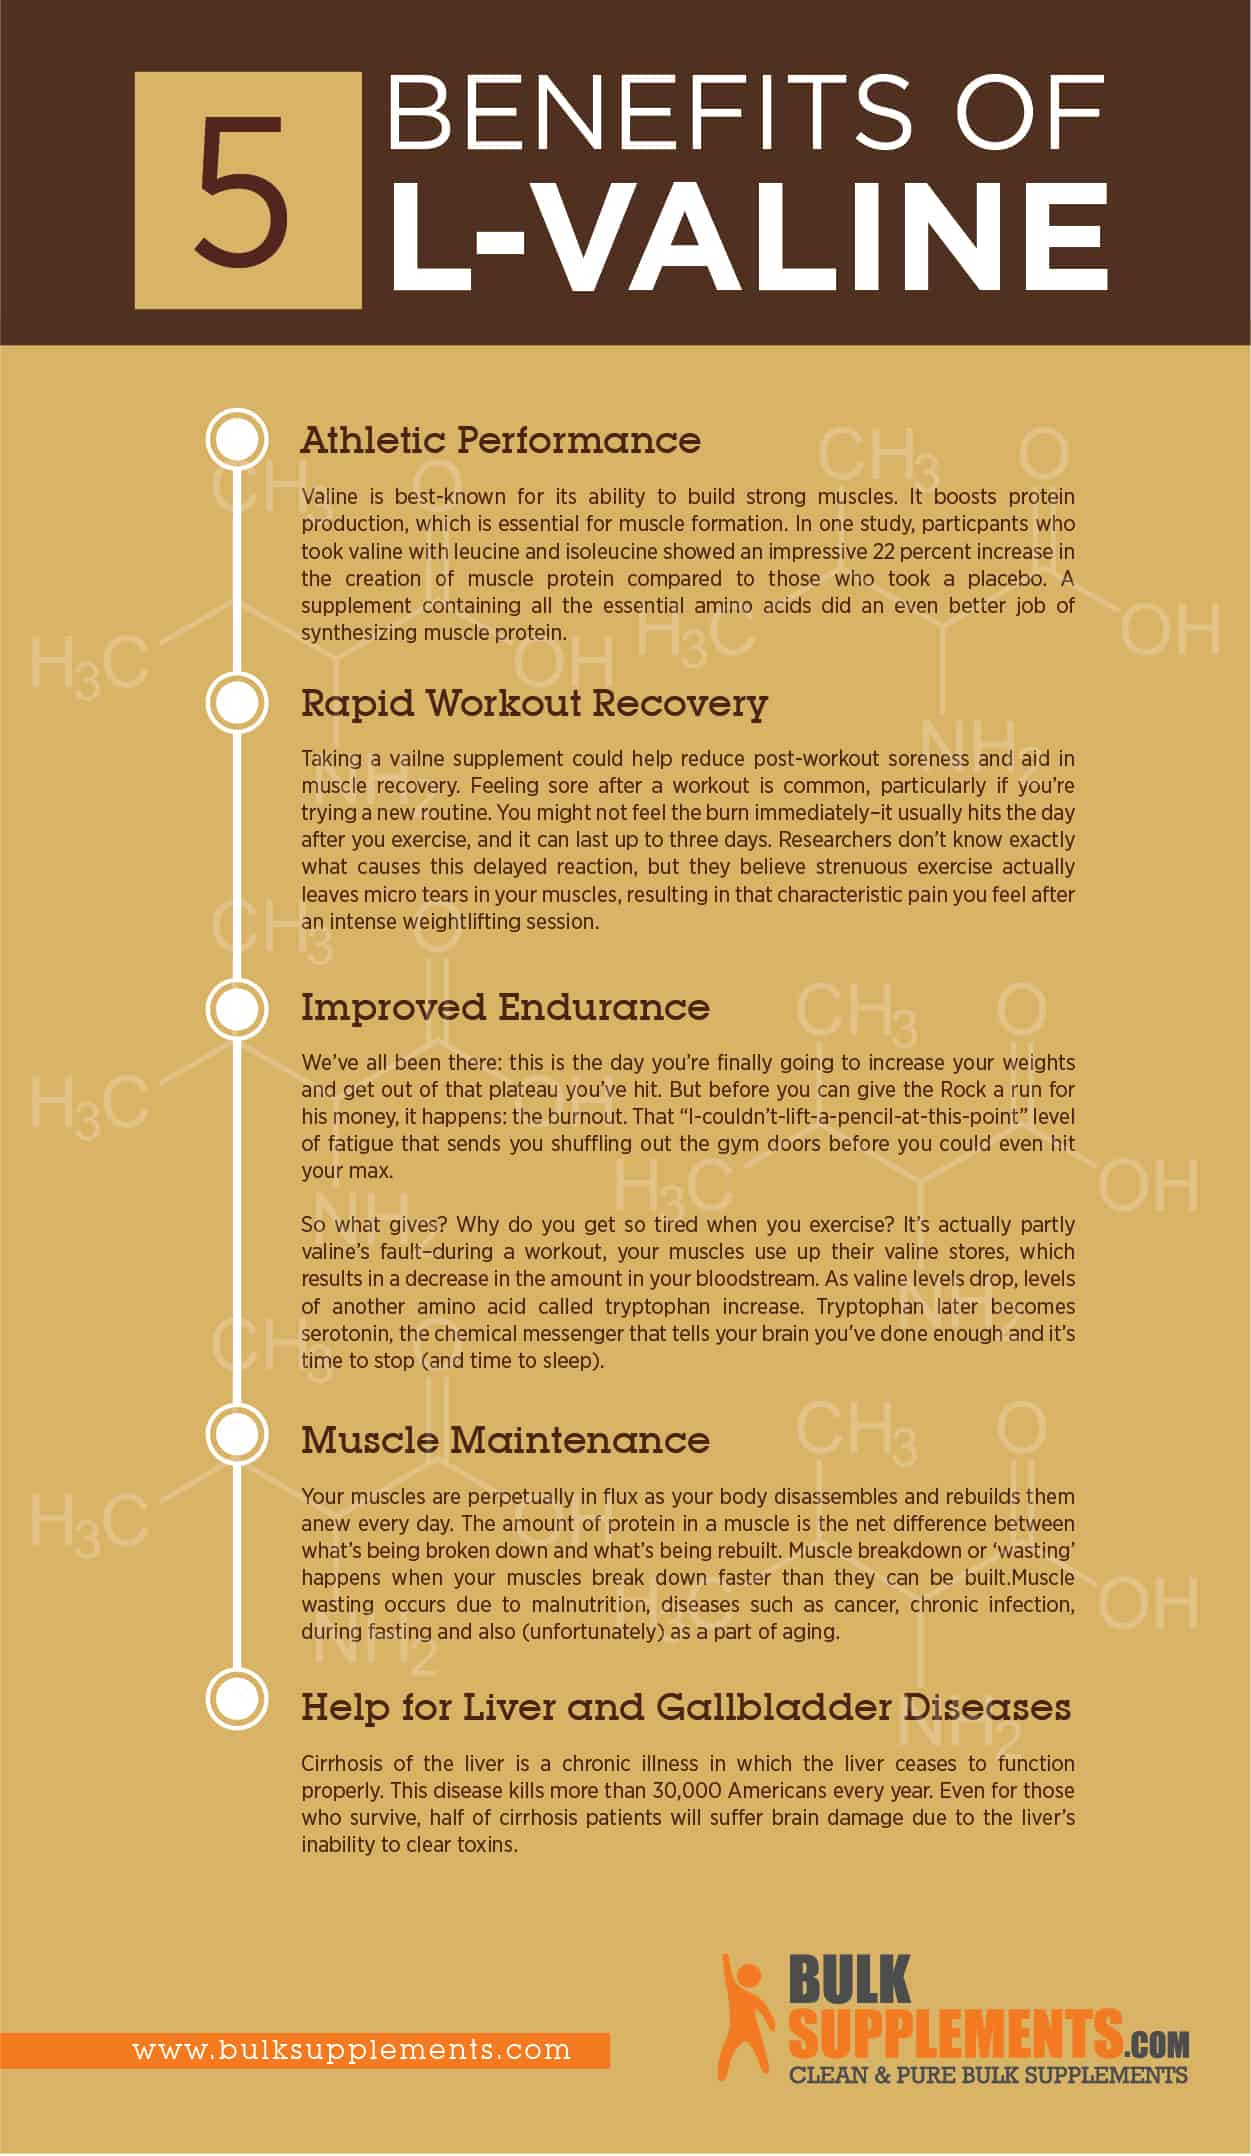 l-valine benefits